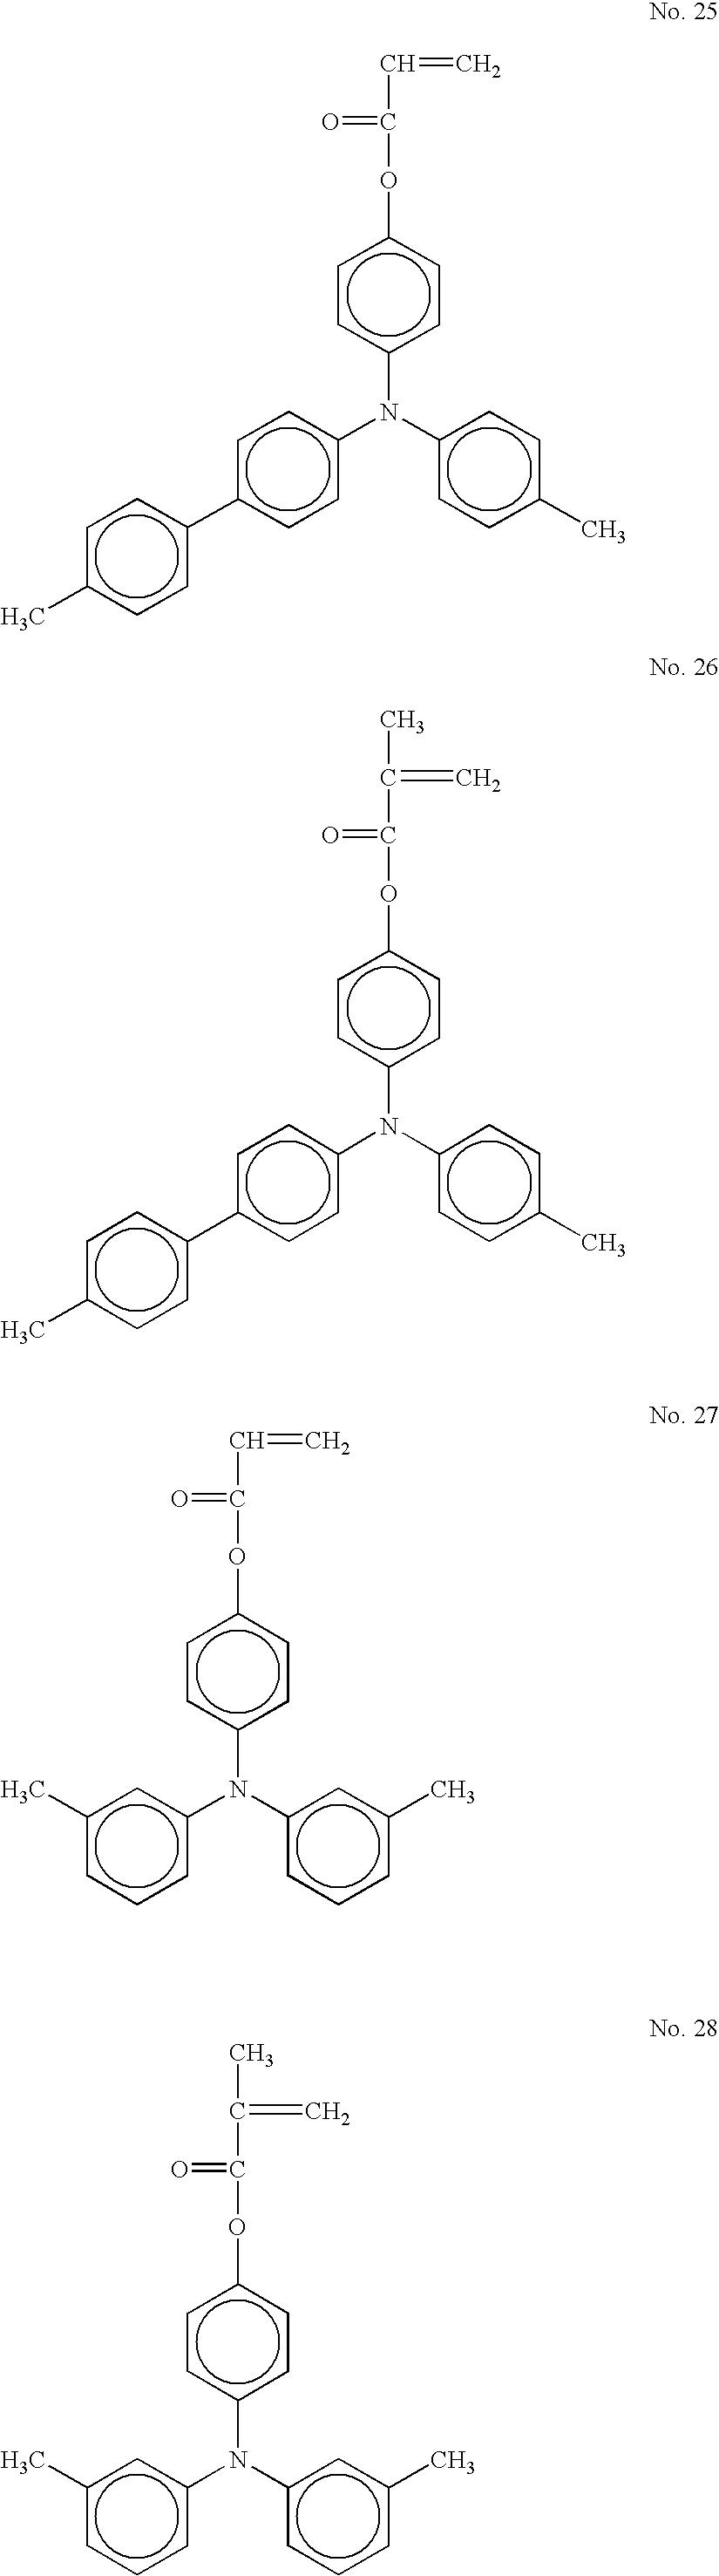 Figure US07390600-20080624-C00012